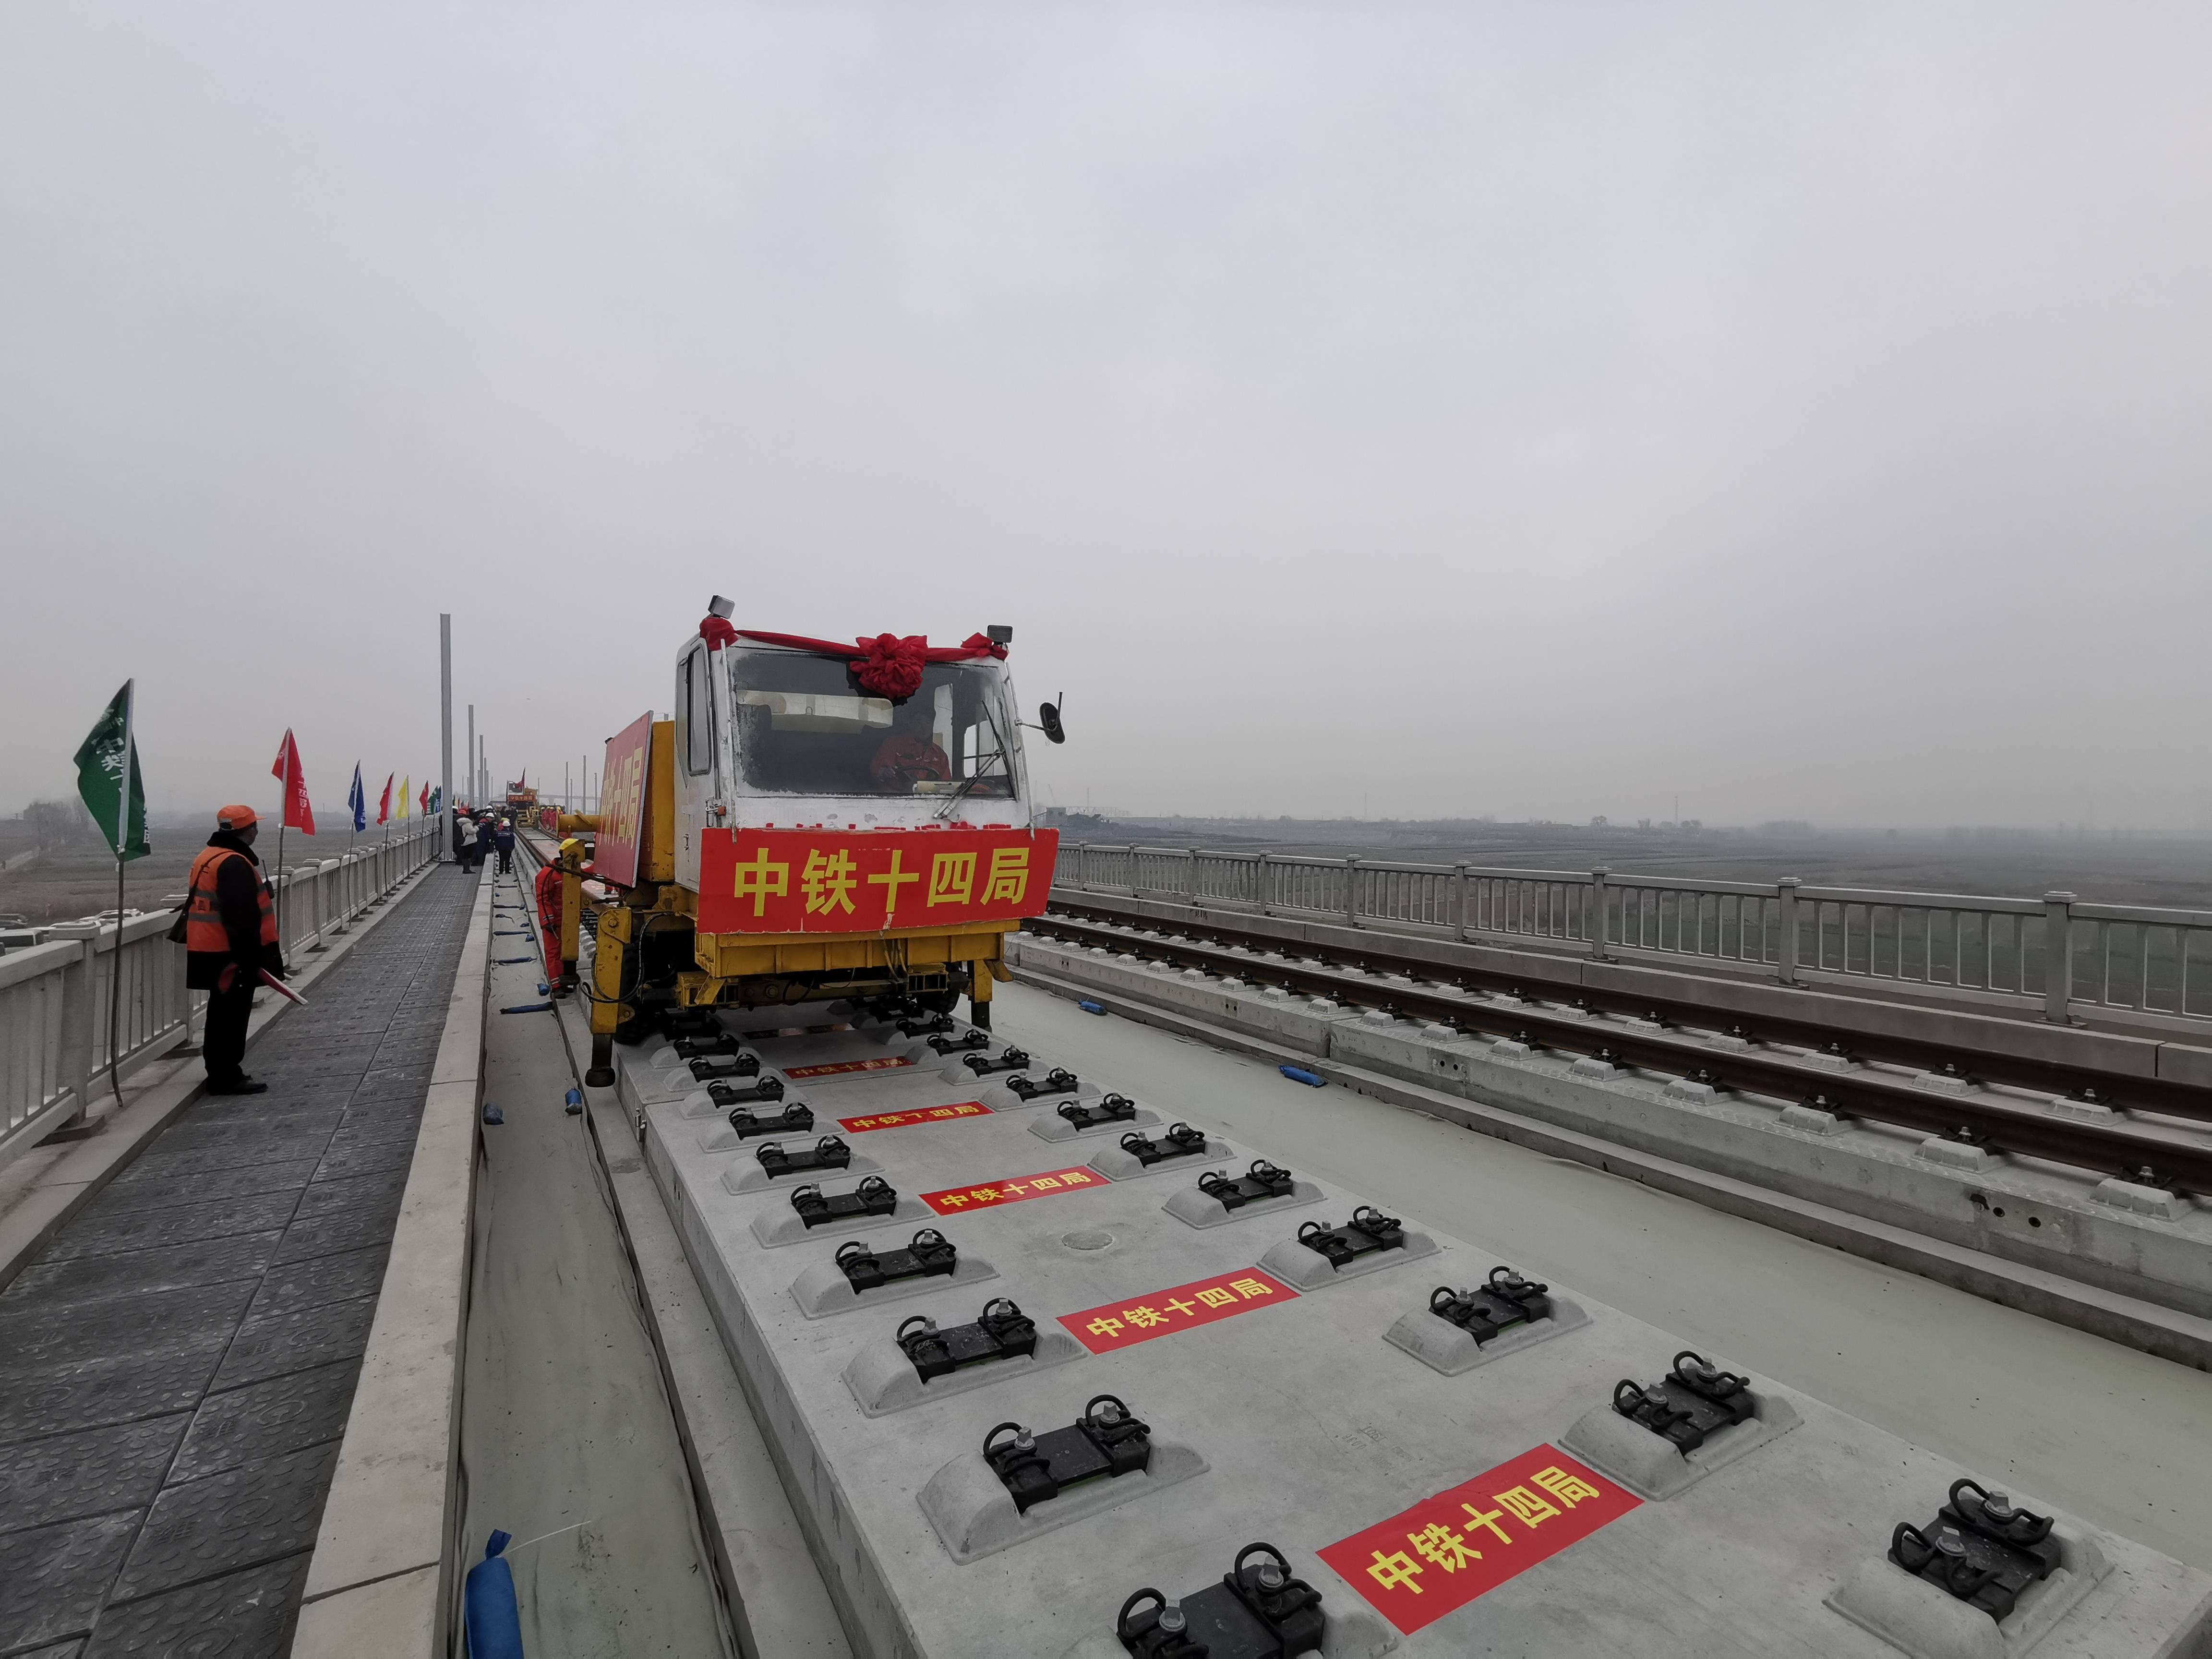 山东铁路这一年:一环双核成型 货运客运齐头并进